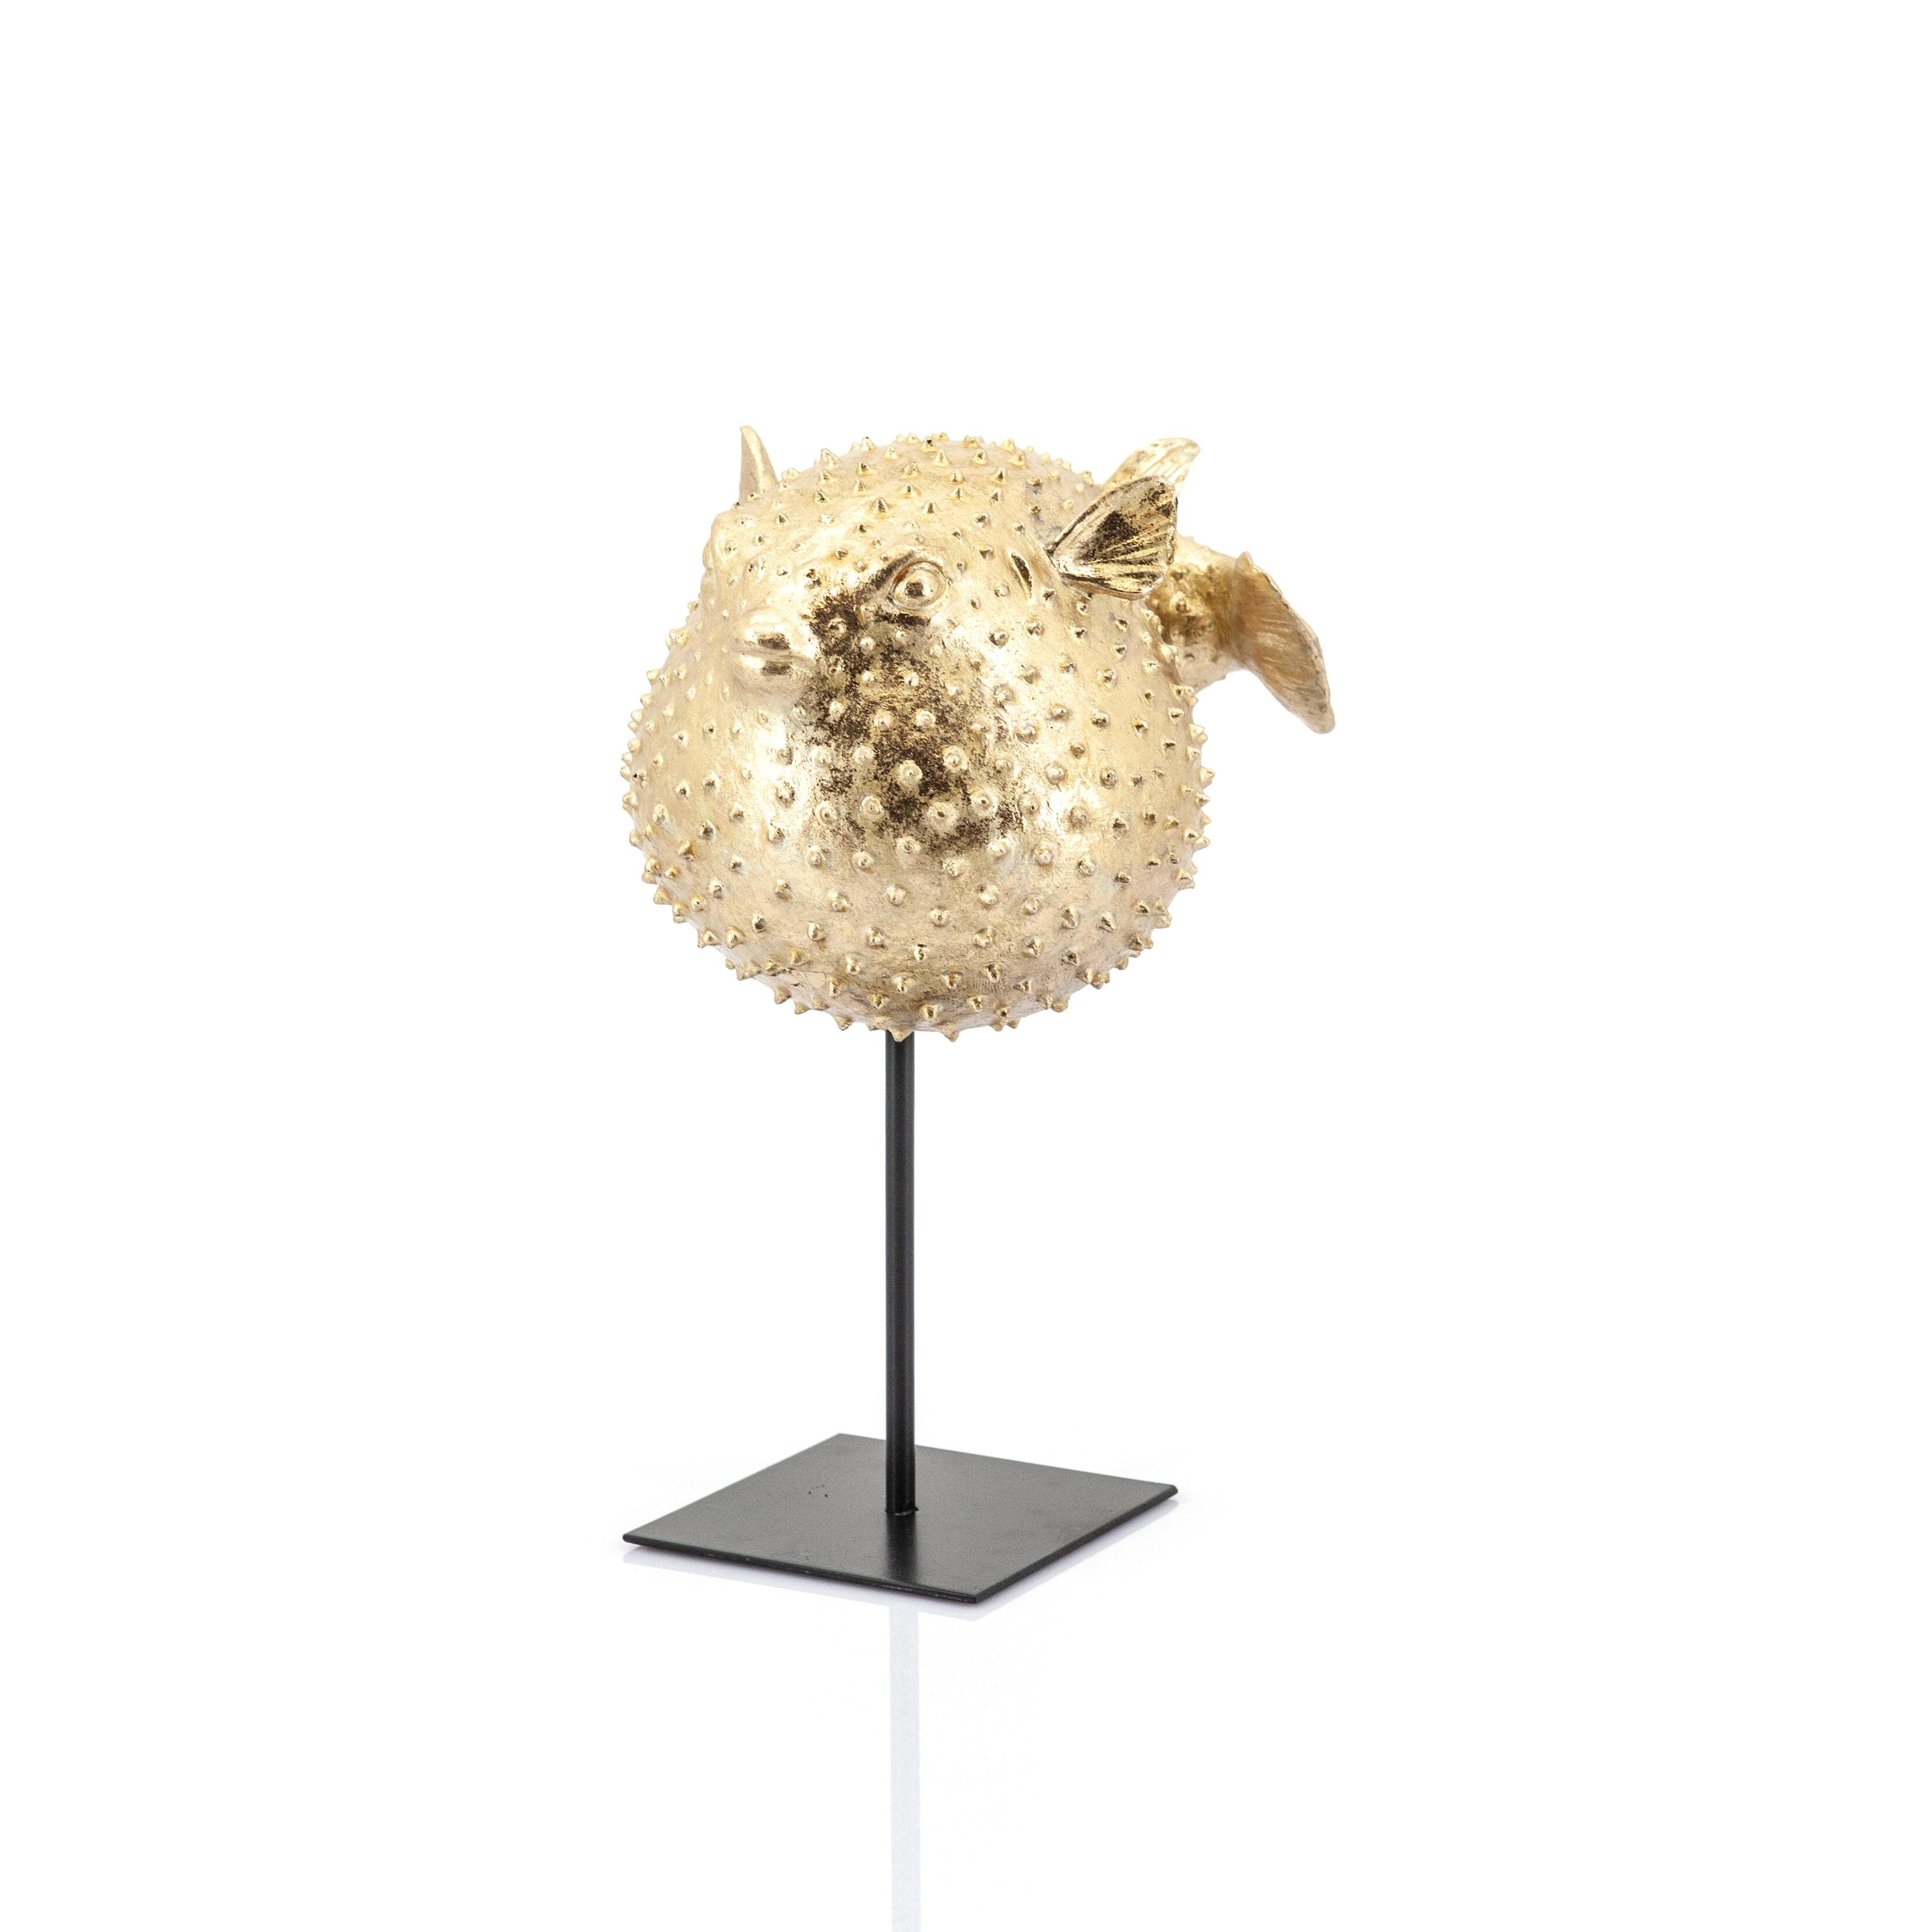 By-Boo 'Puffy' klein Woonaccessoires   Decoratie vergelijken doe je het voordeligst hier bij Meubelpartner